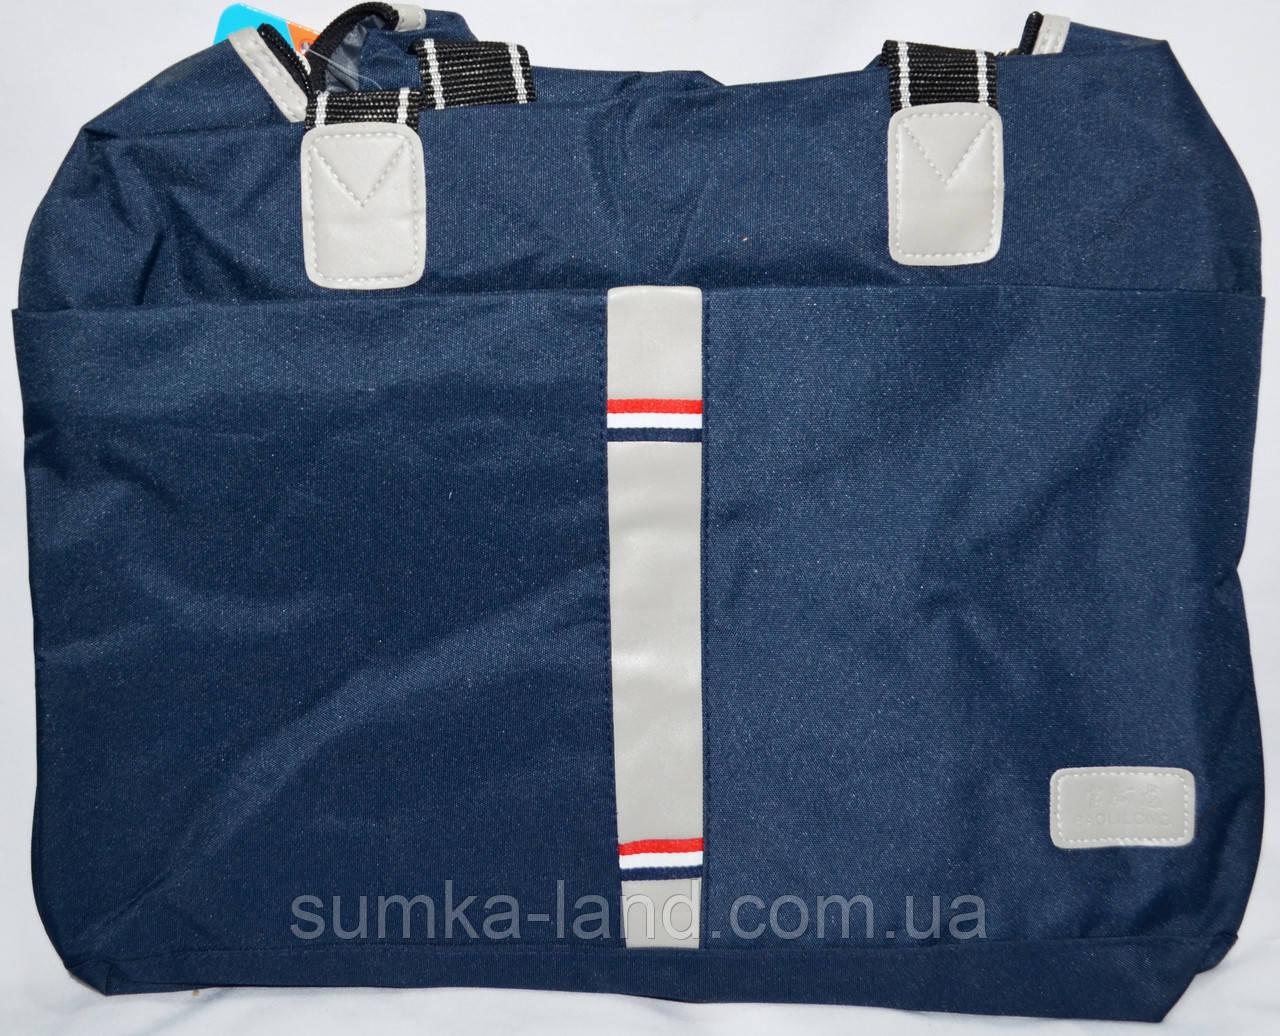 Женская дорожная и городская синяя сумка Sport 48*32 см